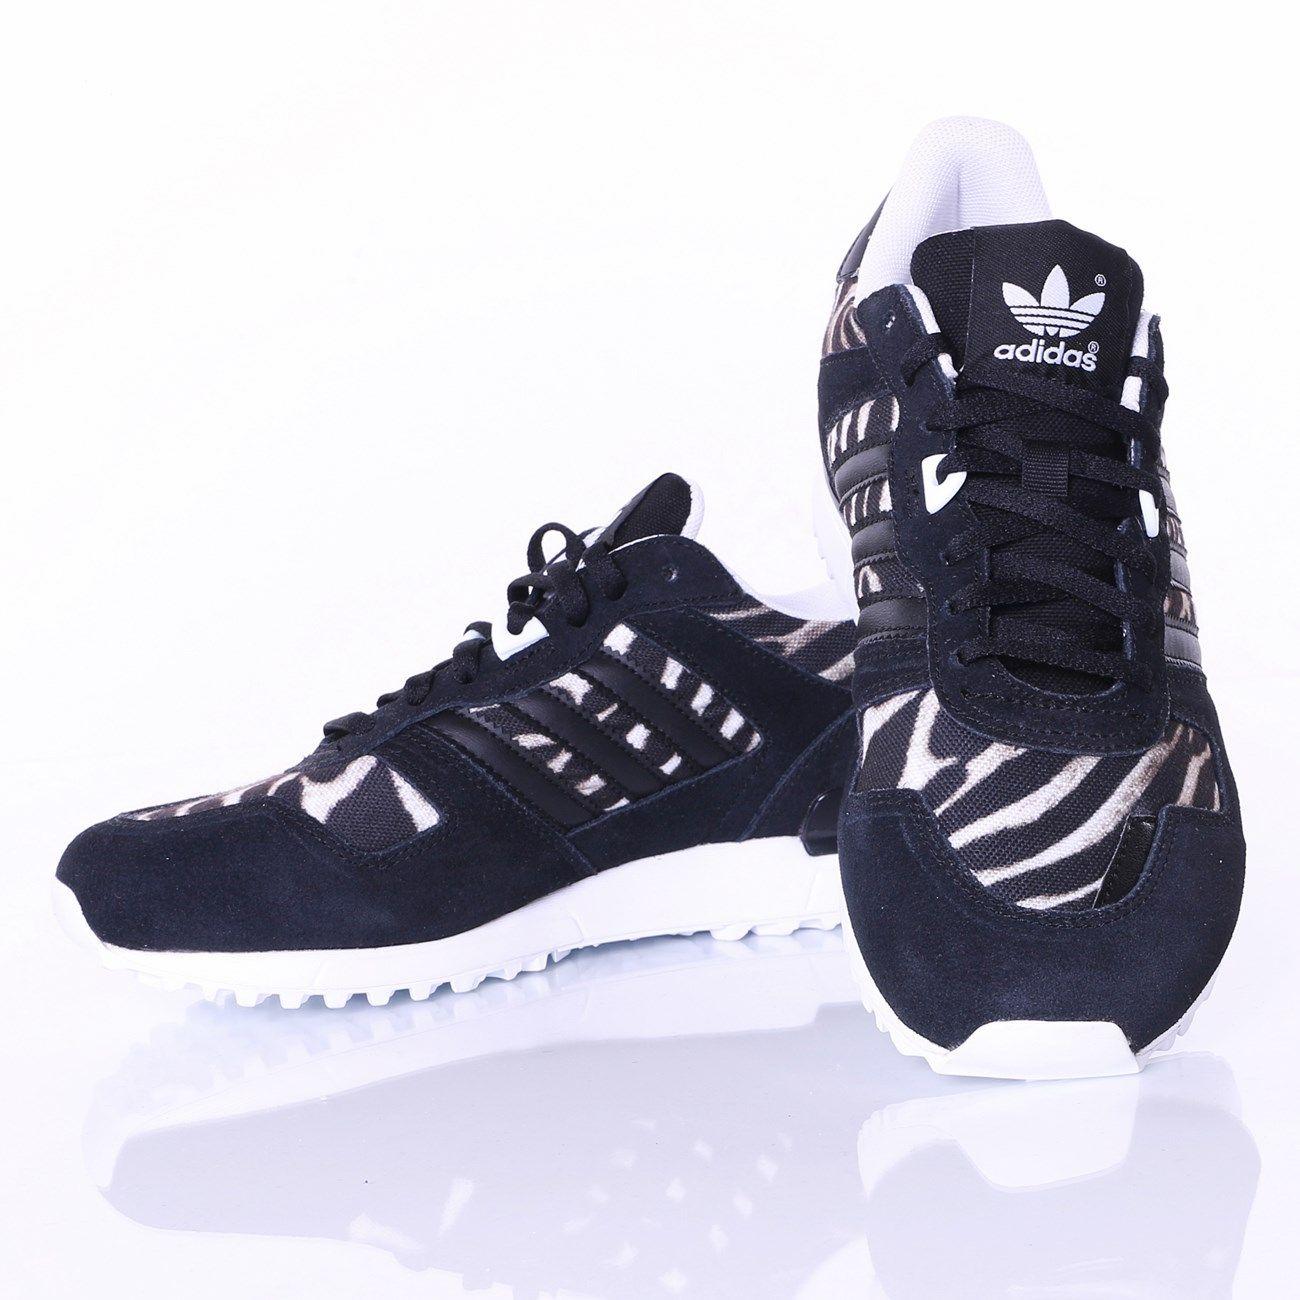 Adidas Zx Flux 700 Zebra